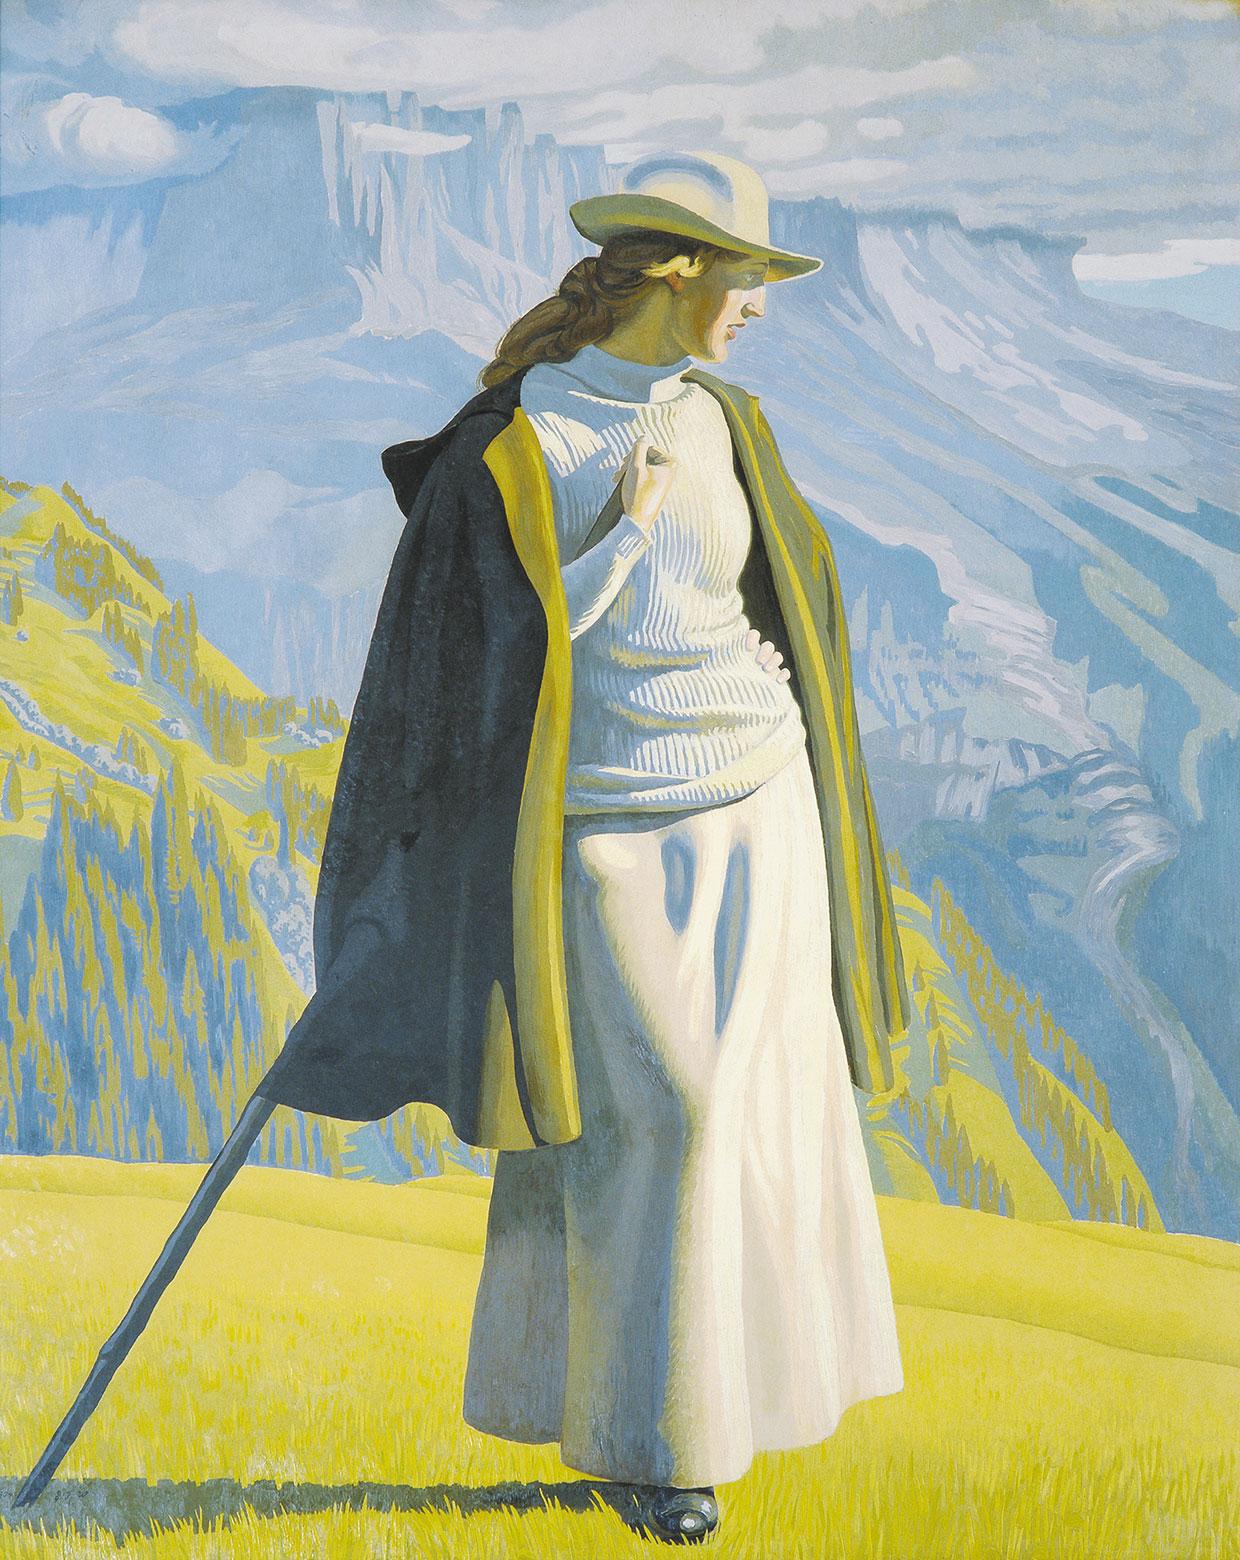 J.F. Willumsen, A Mountain Climber, 1904. G. A. Hagemanns Kollegium. Photo: Anders Sune Berg